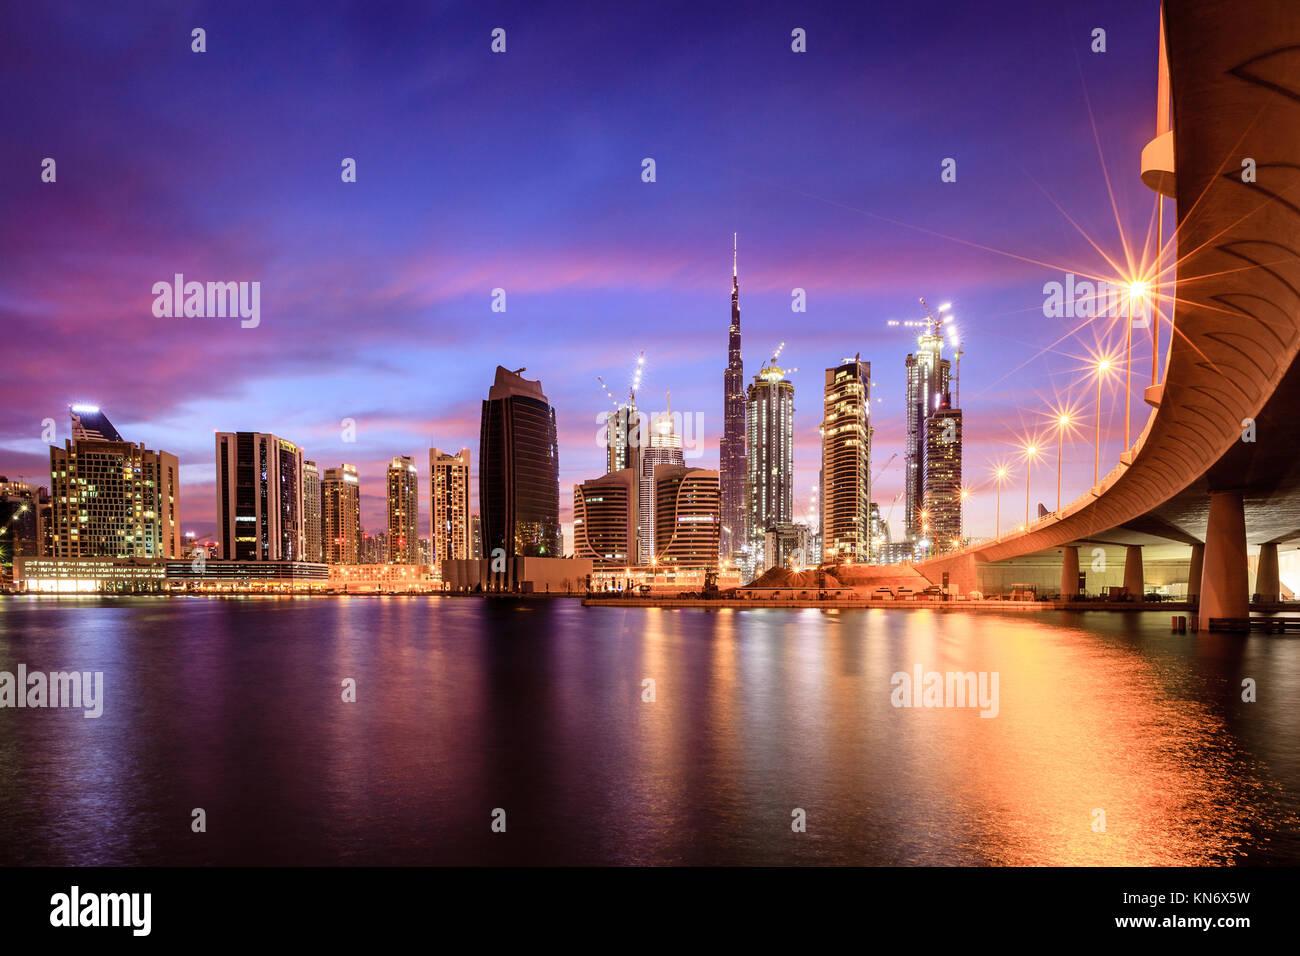 Vista de la ciudad de Dubai en la noche Imagen De Stock